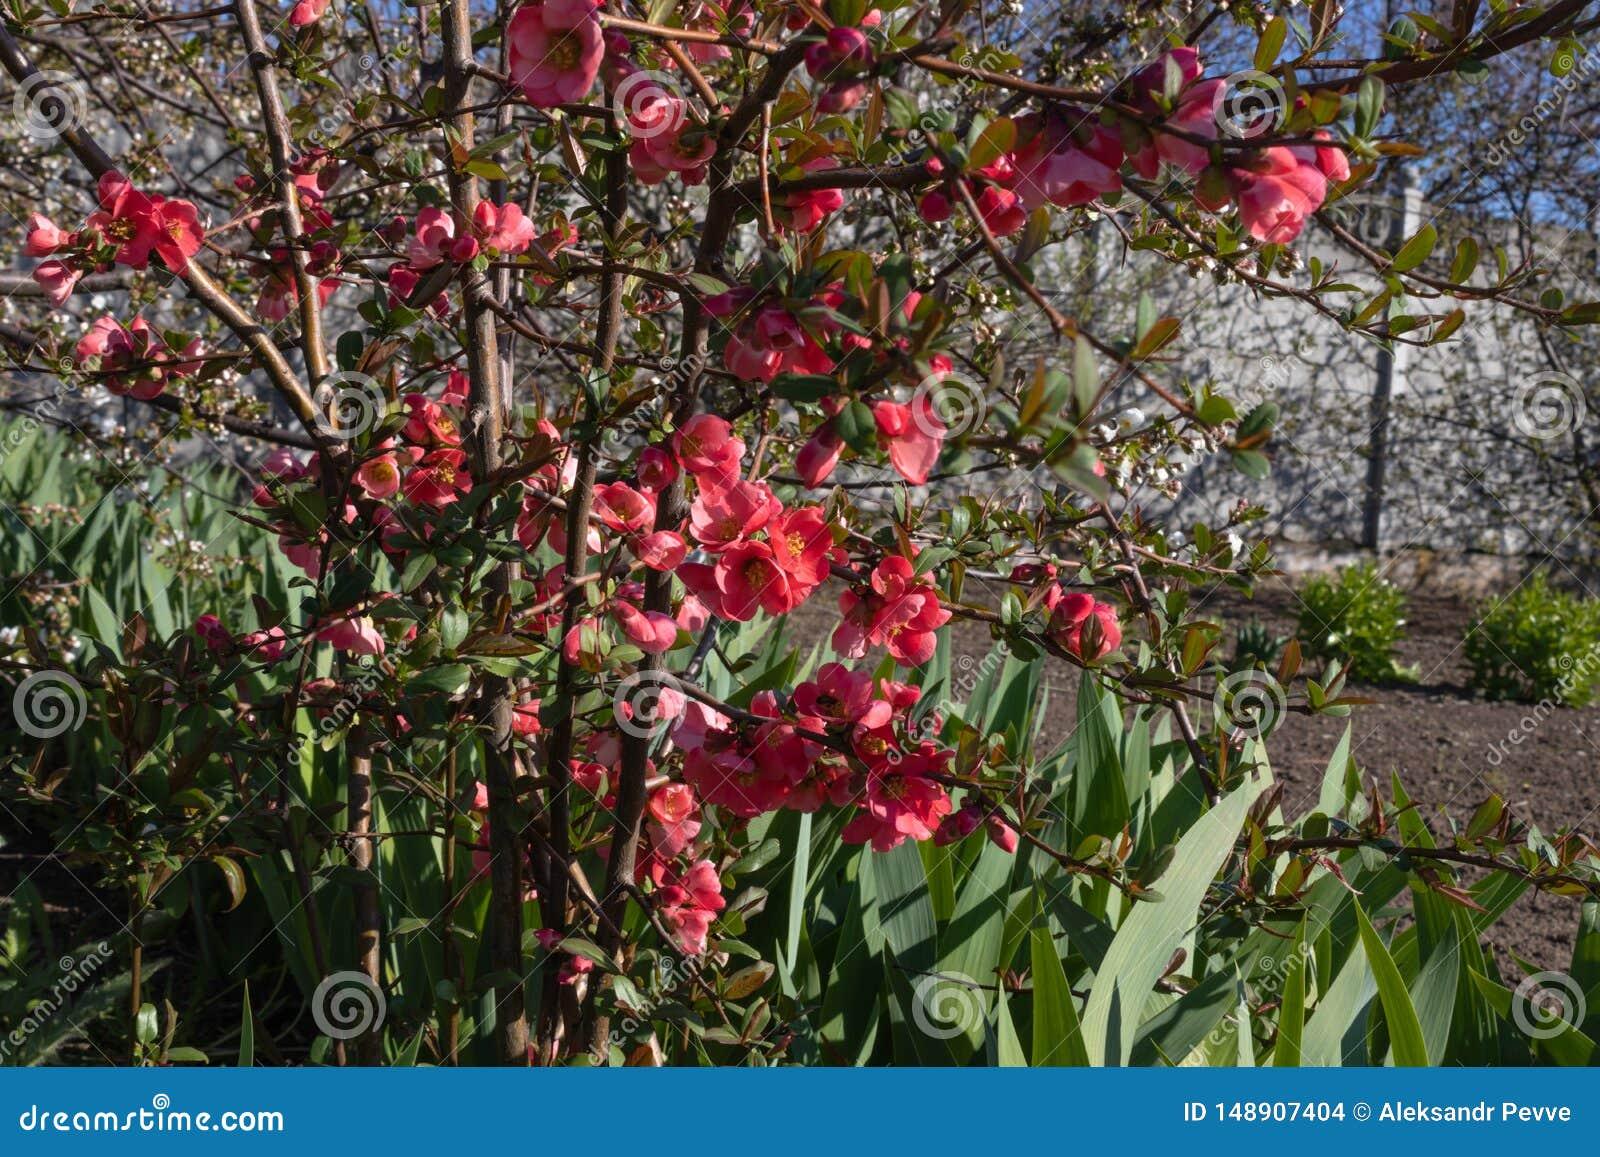 Rosa Blumen bl?hen auf dem Busch eines Blumenbeets, gro?e Bl?tter von Blumen wachsen in der N?he